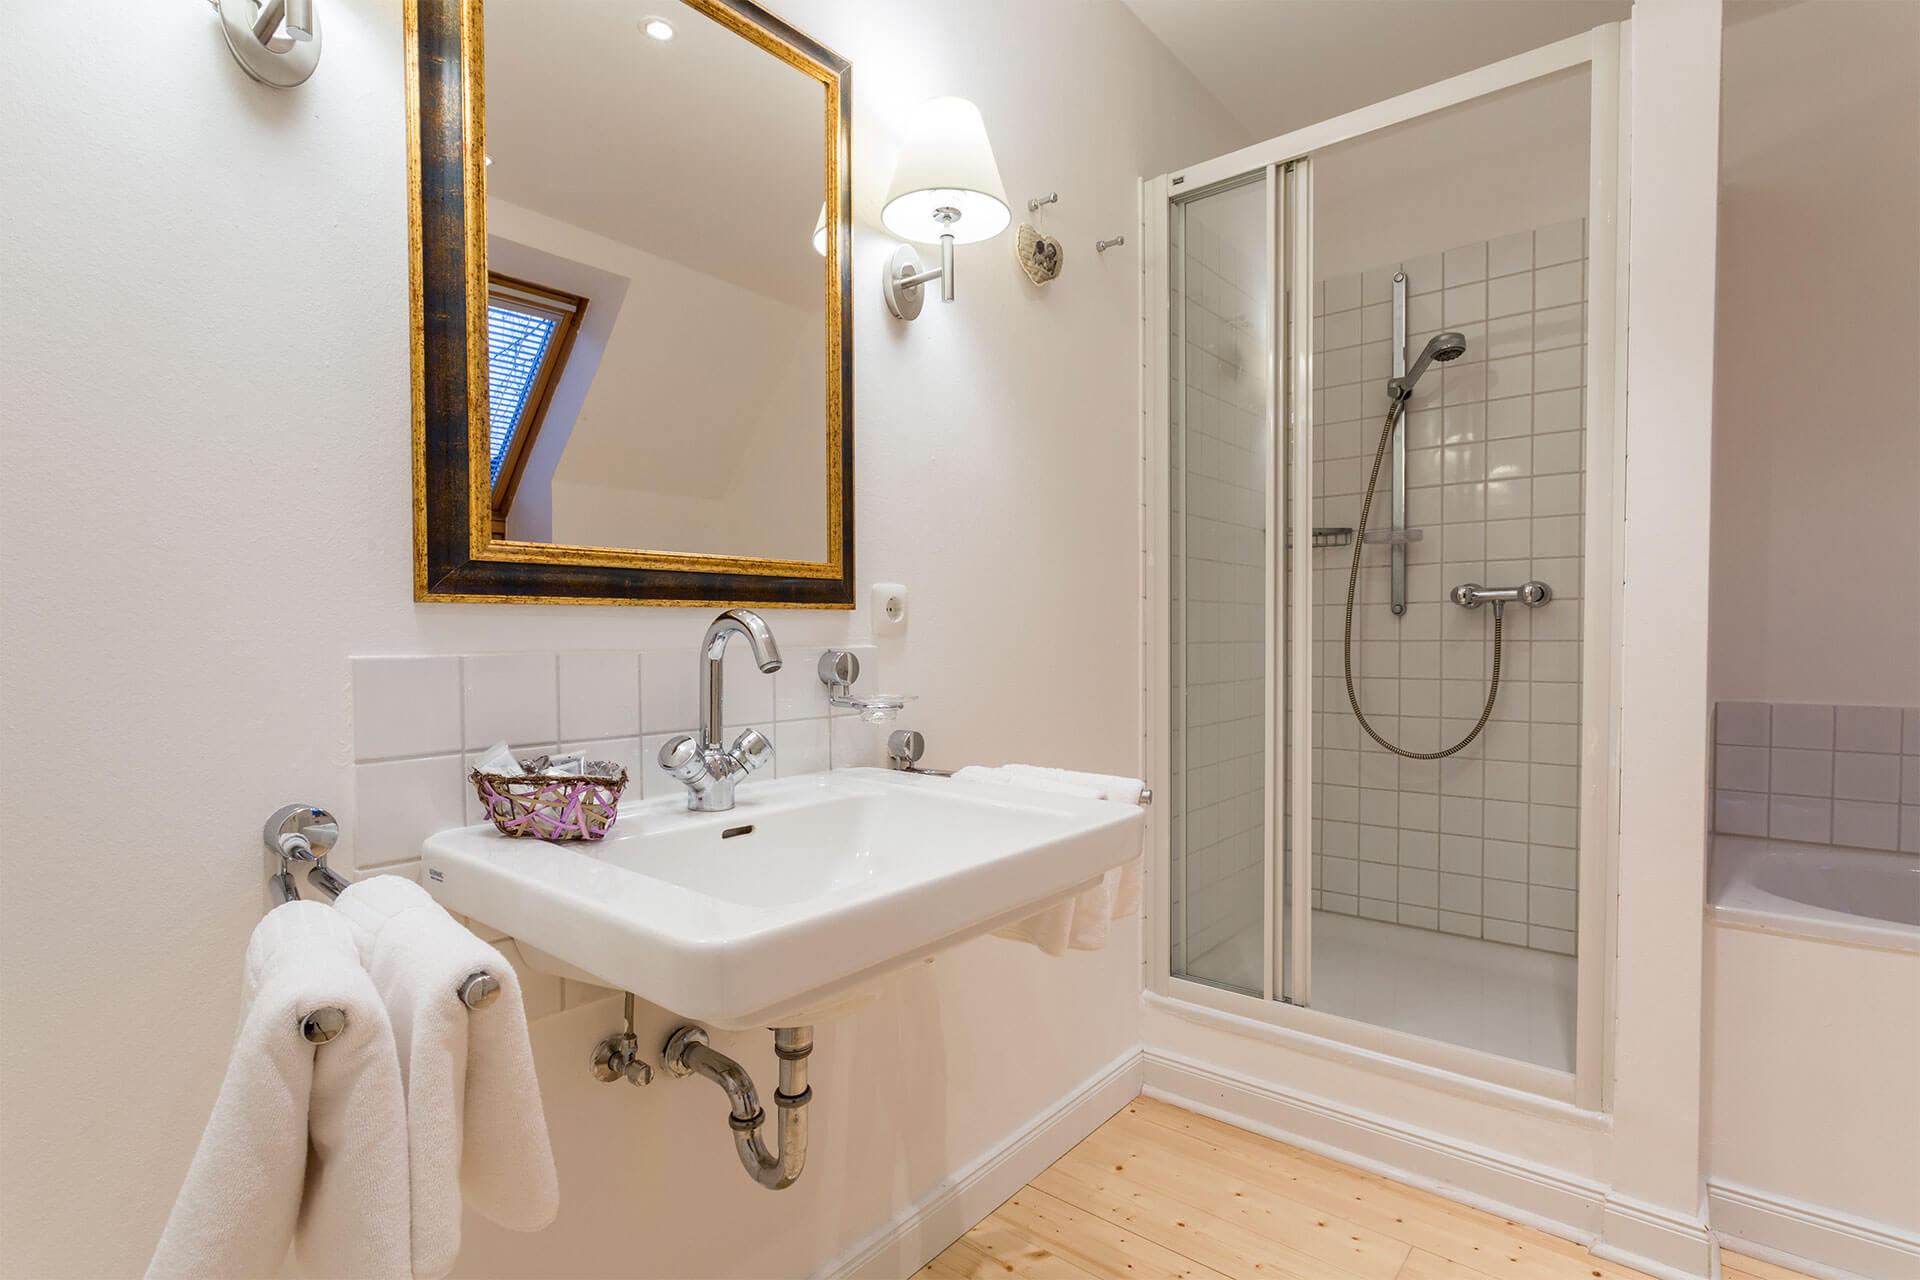 luxuriöses Bad mit Badewanne und flauschigen Handtüchern